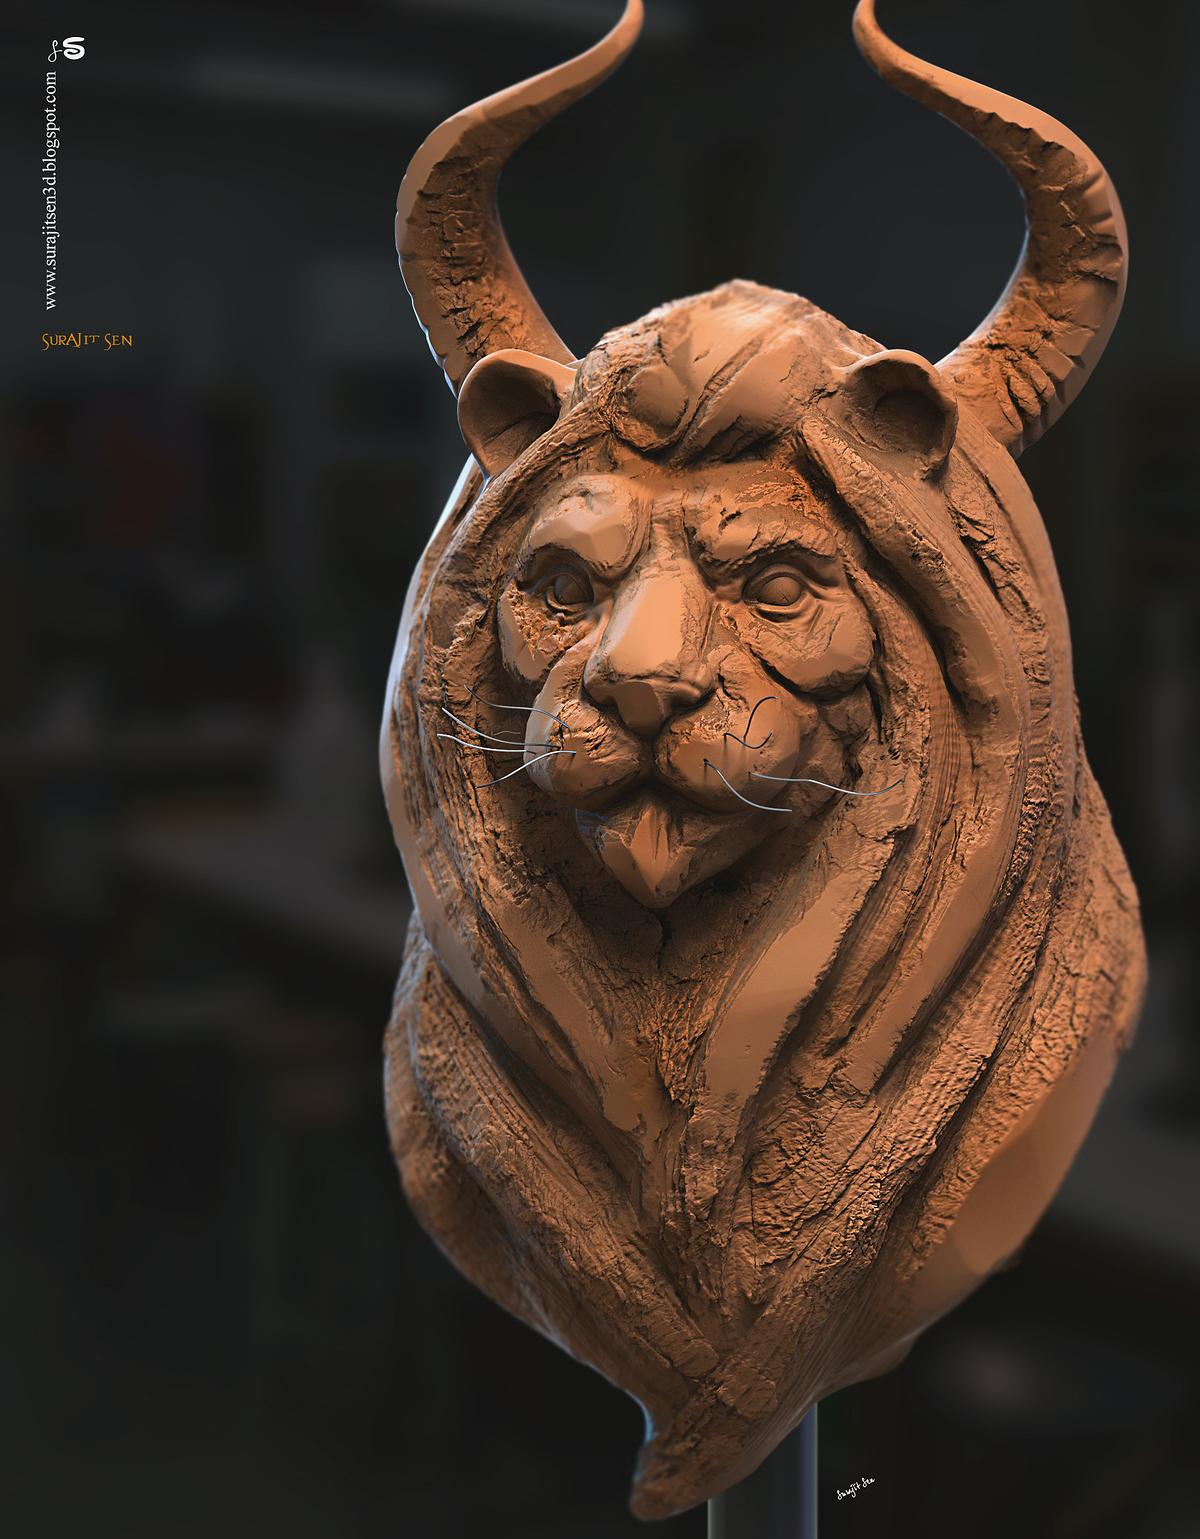 Calygrey2.0_Digital_Sculpture_SurajitSen_June2020AA